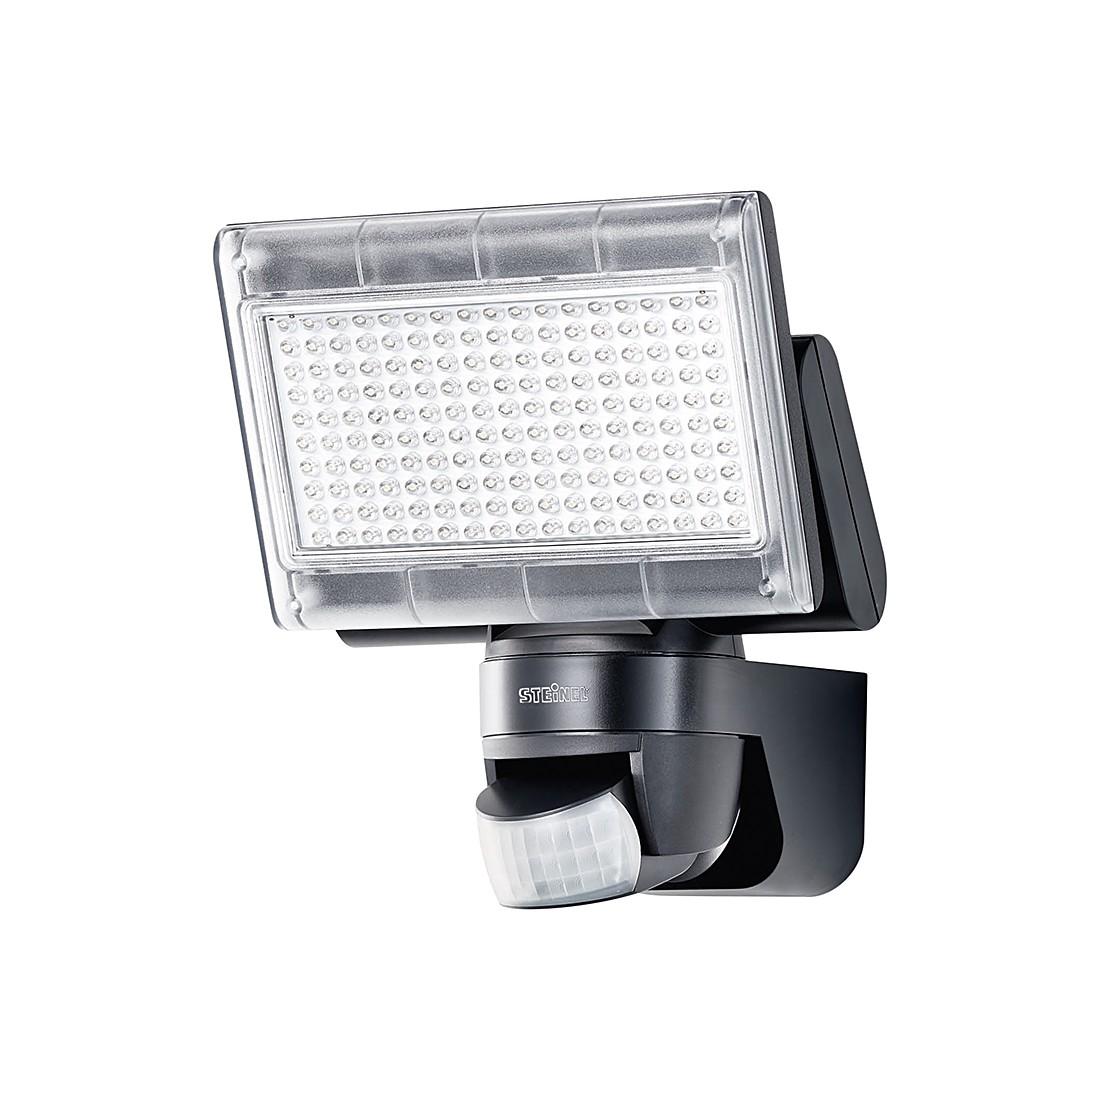 EEK A+, Sensor-LED-Strahler Xled Home - 330-flammig, Steinel